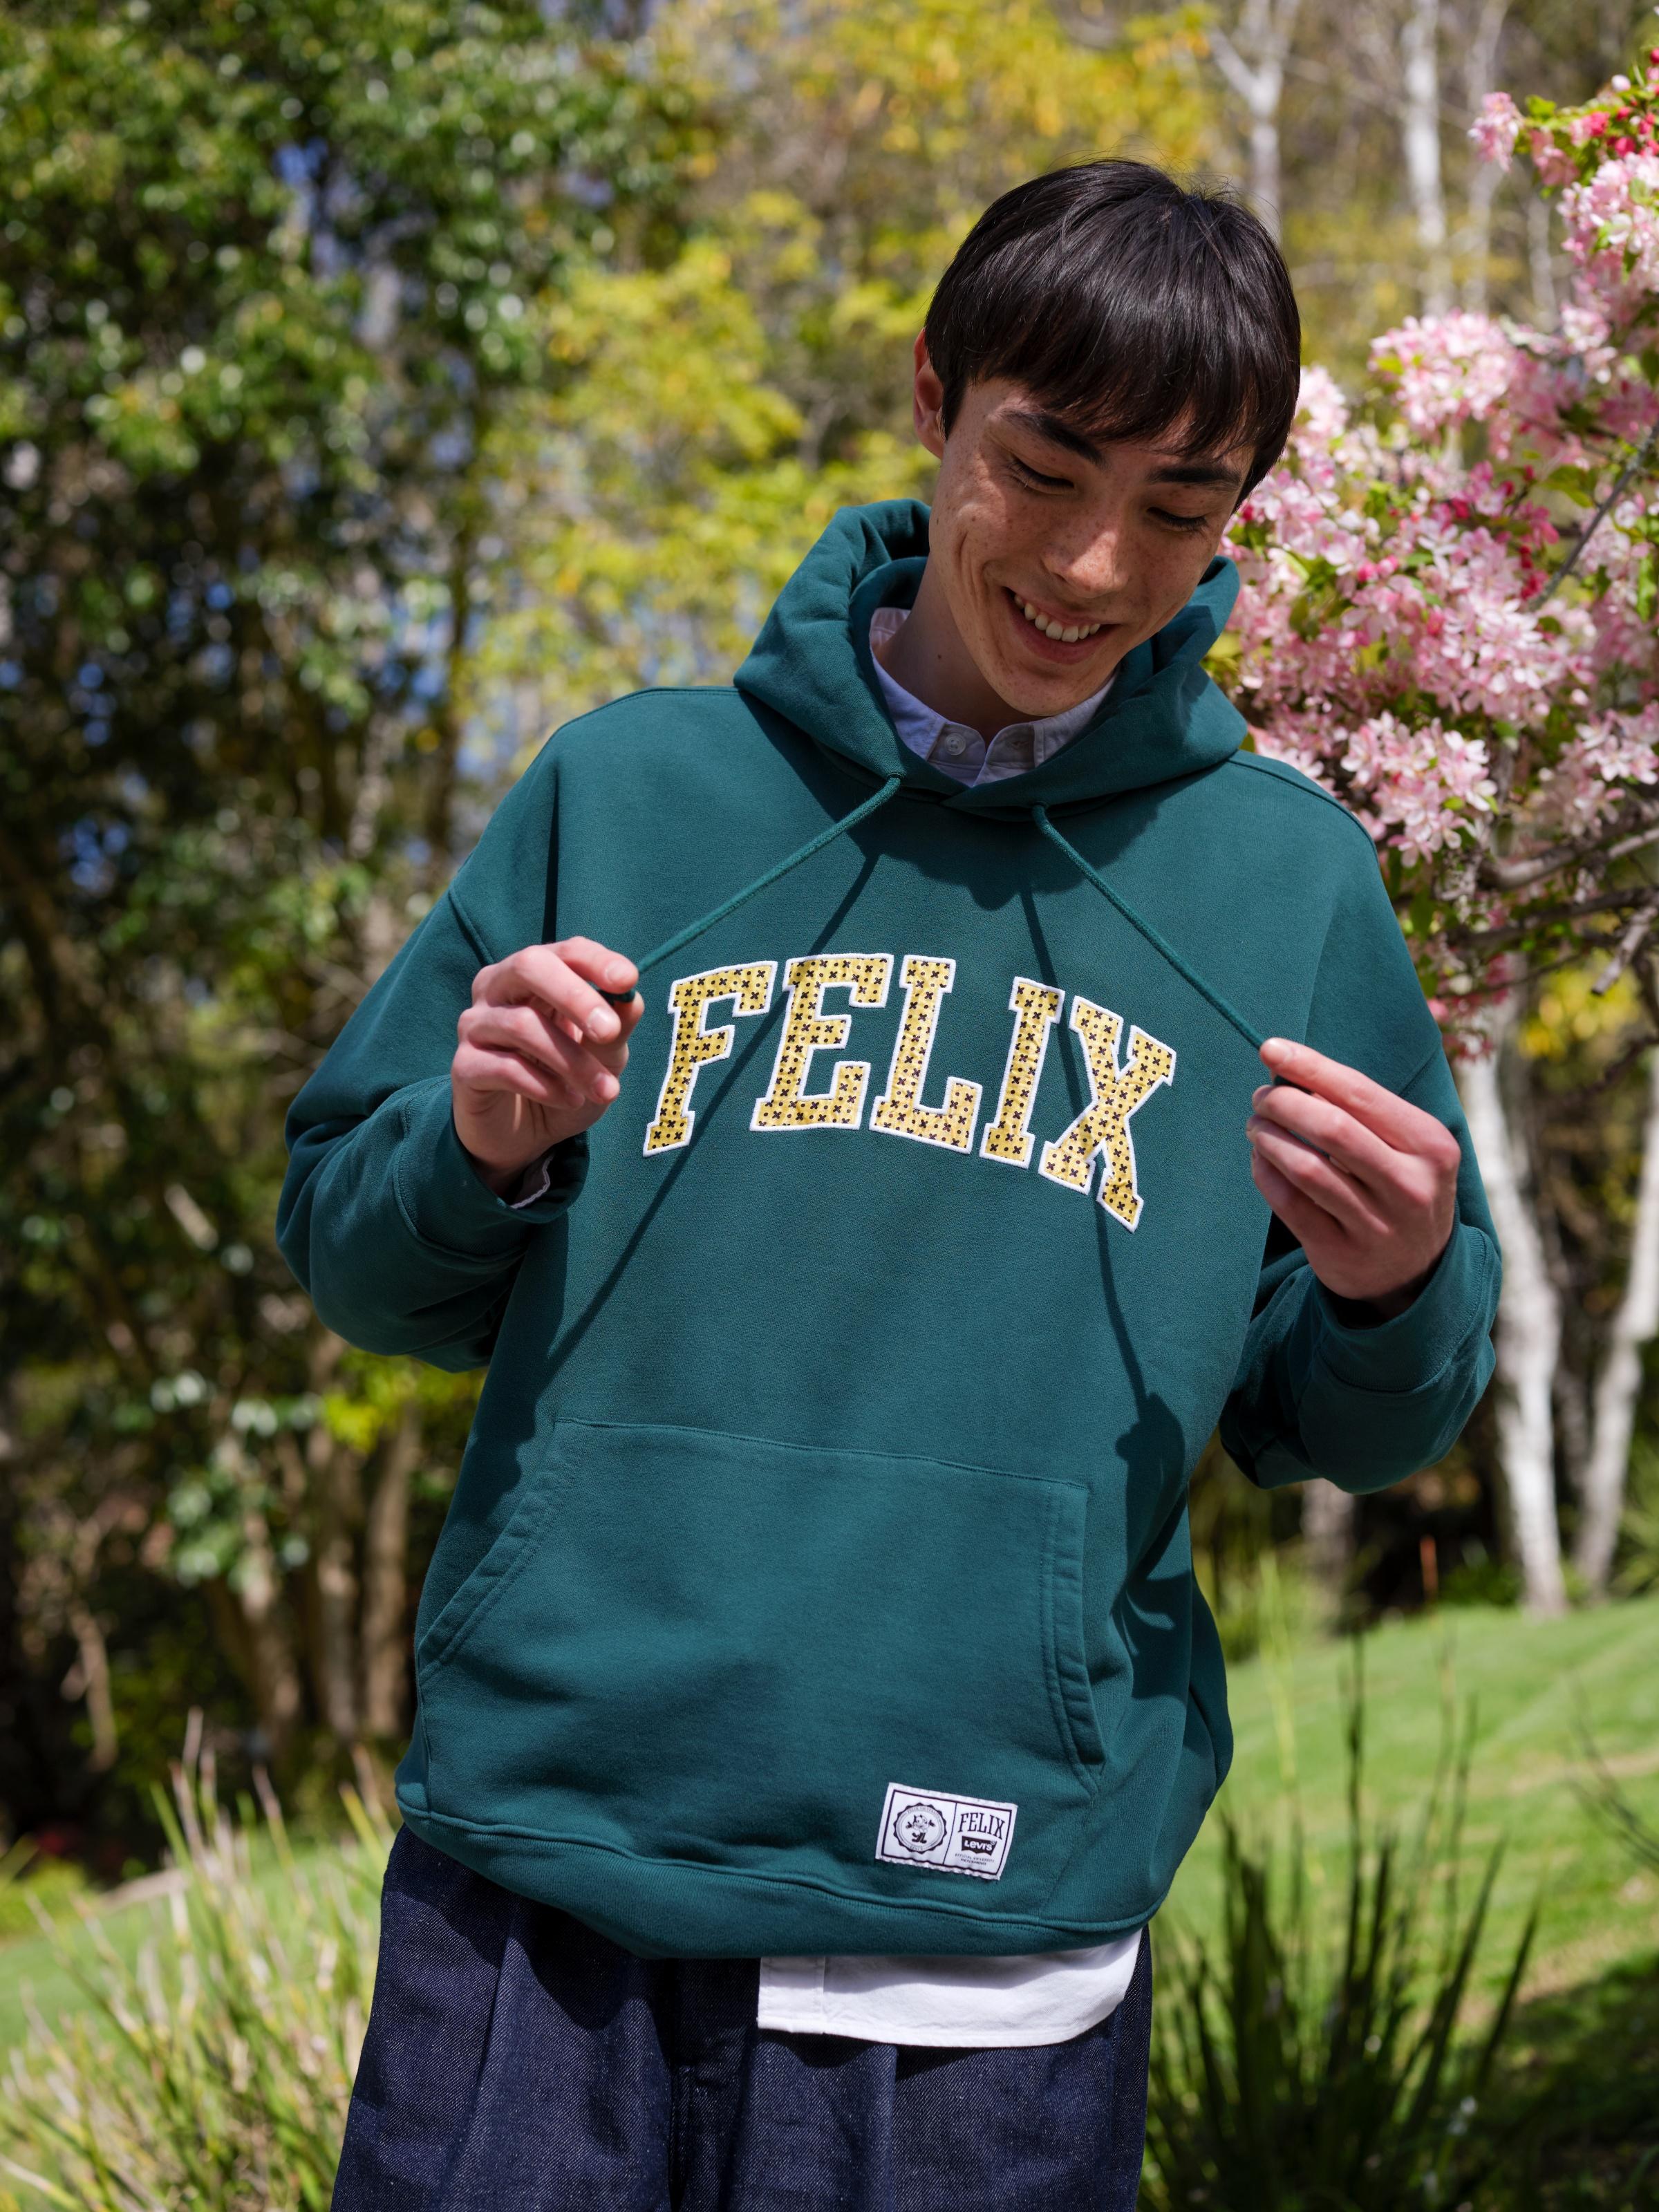 Những chiếc áo graphic hoodie năng động là nét đặc trưng của bộ sưu tập.